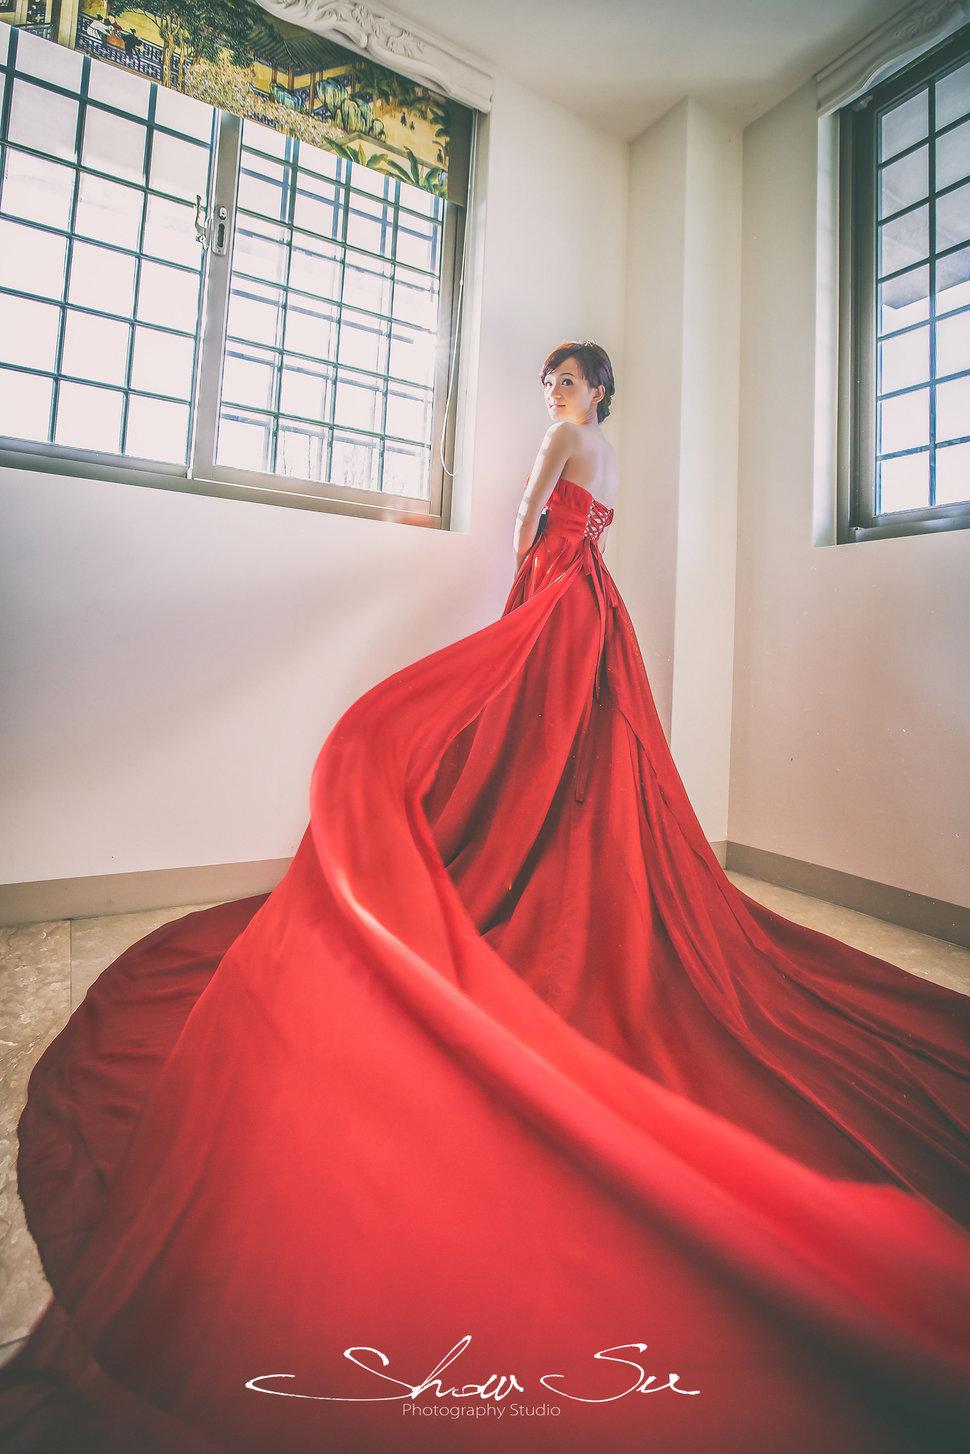 [婚攝] 志榮&語涵│桃園@儷宴國際宴會館│文定午宴(編號:513821) - Show Su Photography - 結婚吧